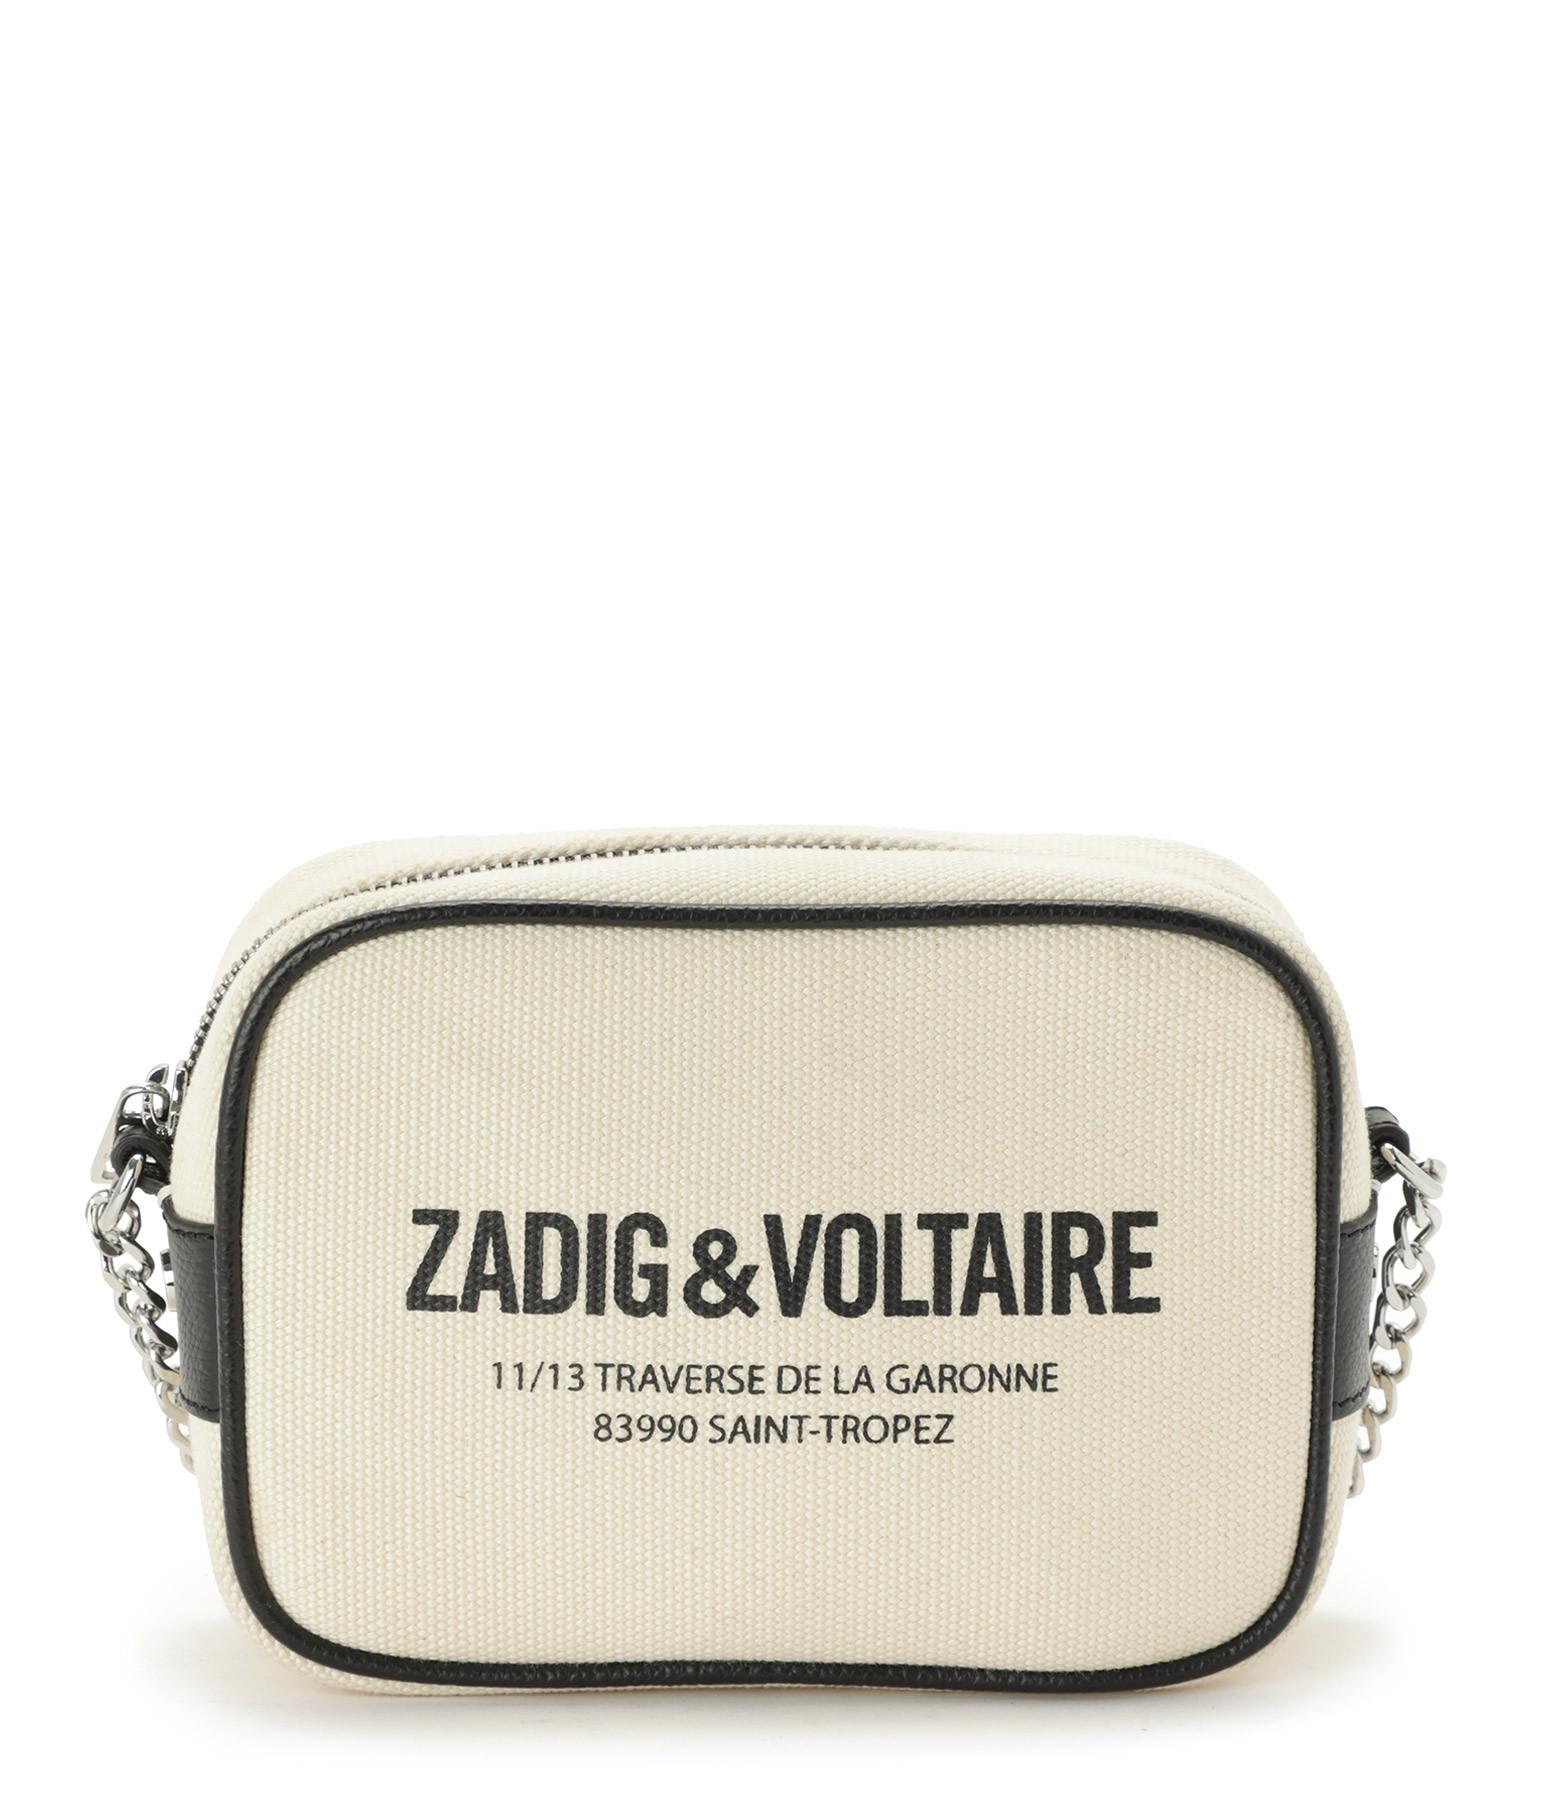 ZADIG & VOLTAIRE - Pochette Boxy Canvas XS Coton Flash